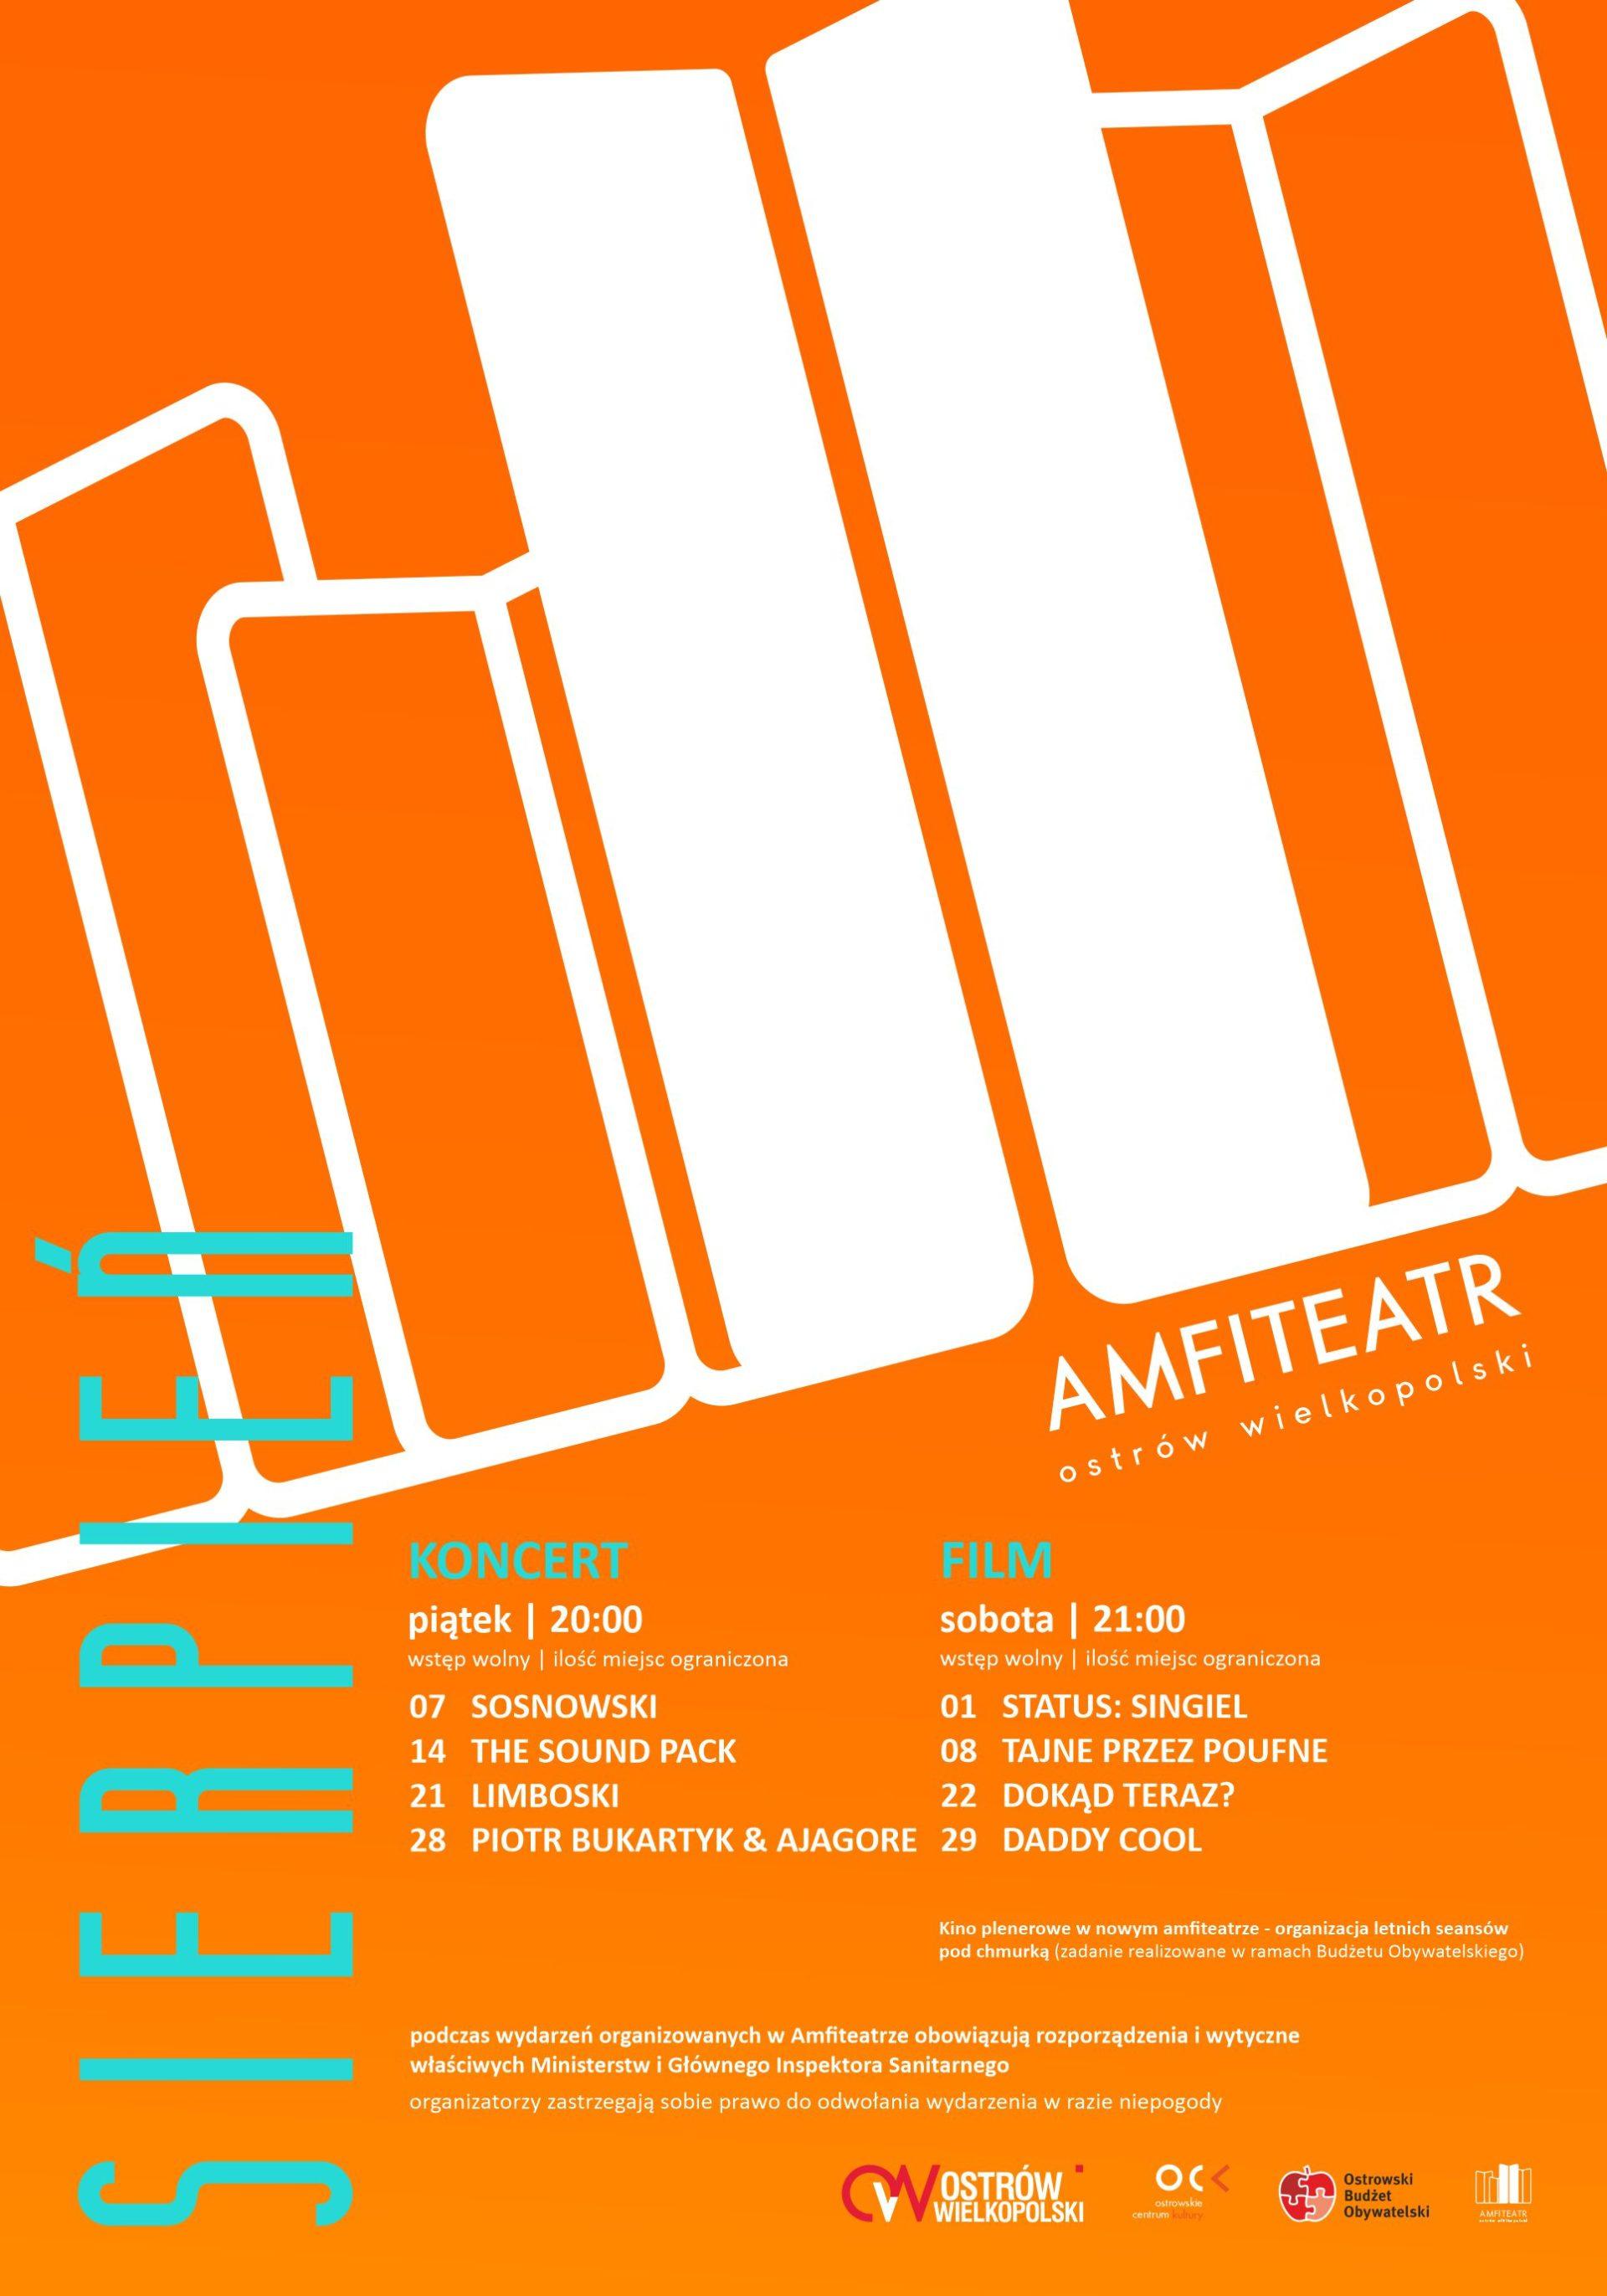 Koncerty i seanse filmowe | Amfiteatr Ostrów Wielkopolski